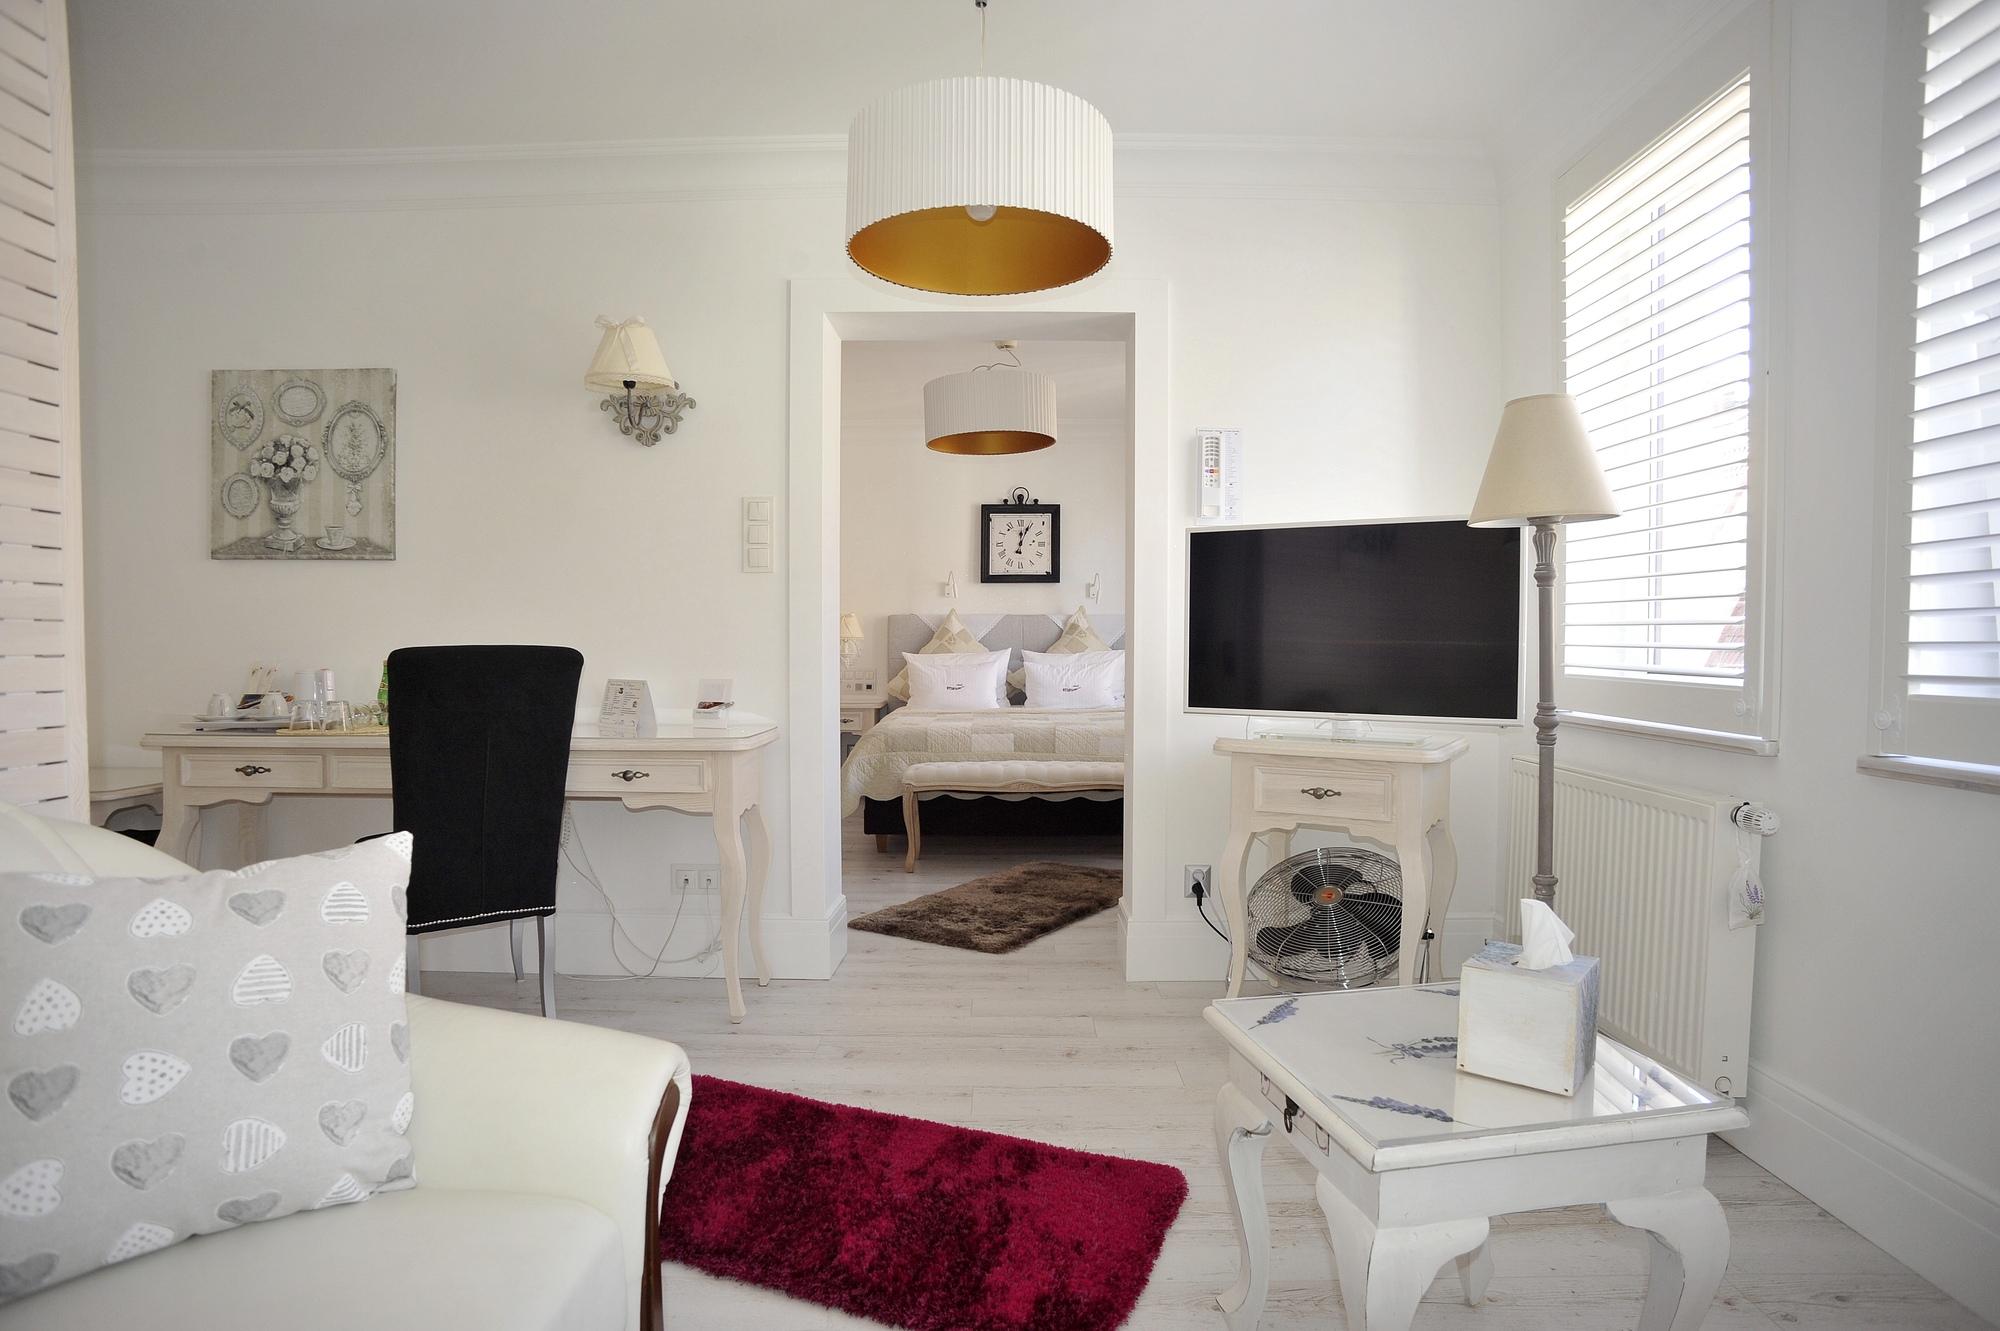 apartament-307 (5)